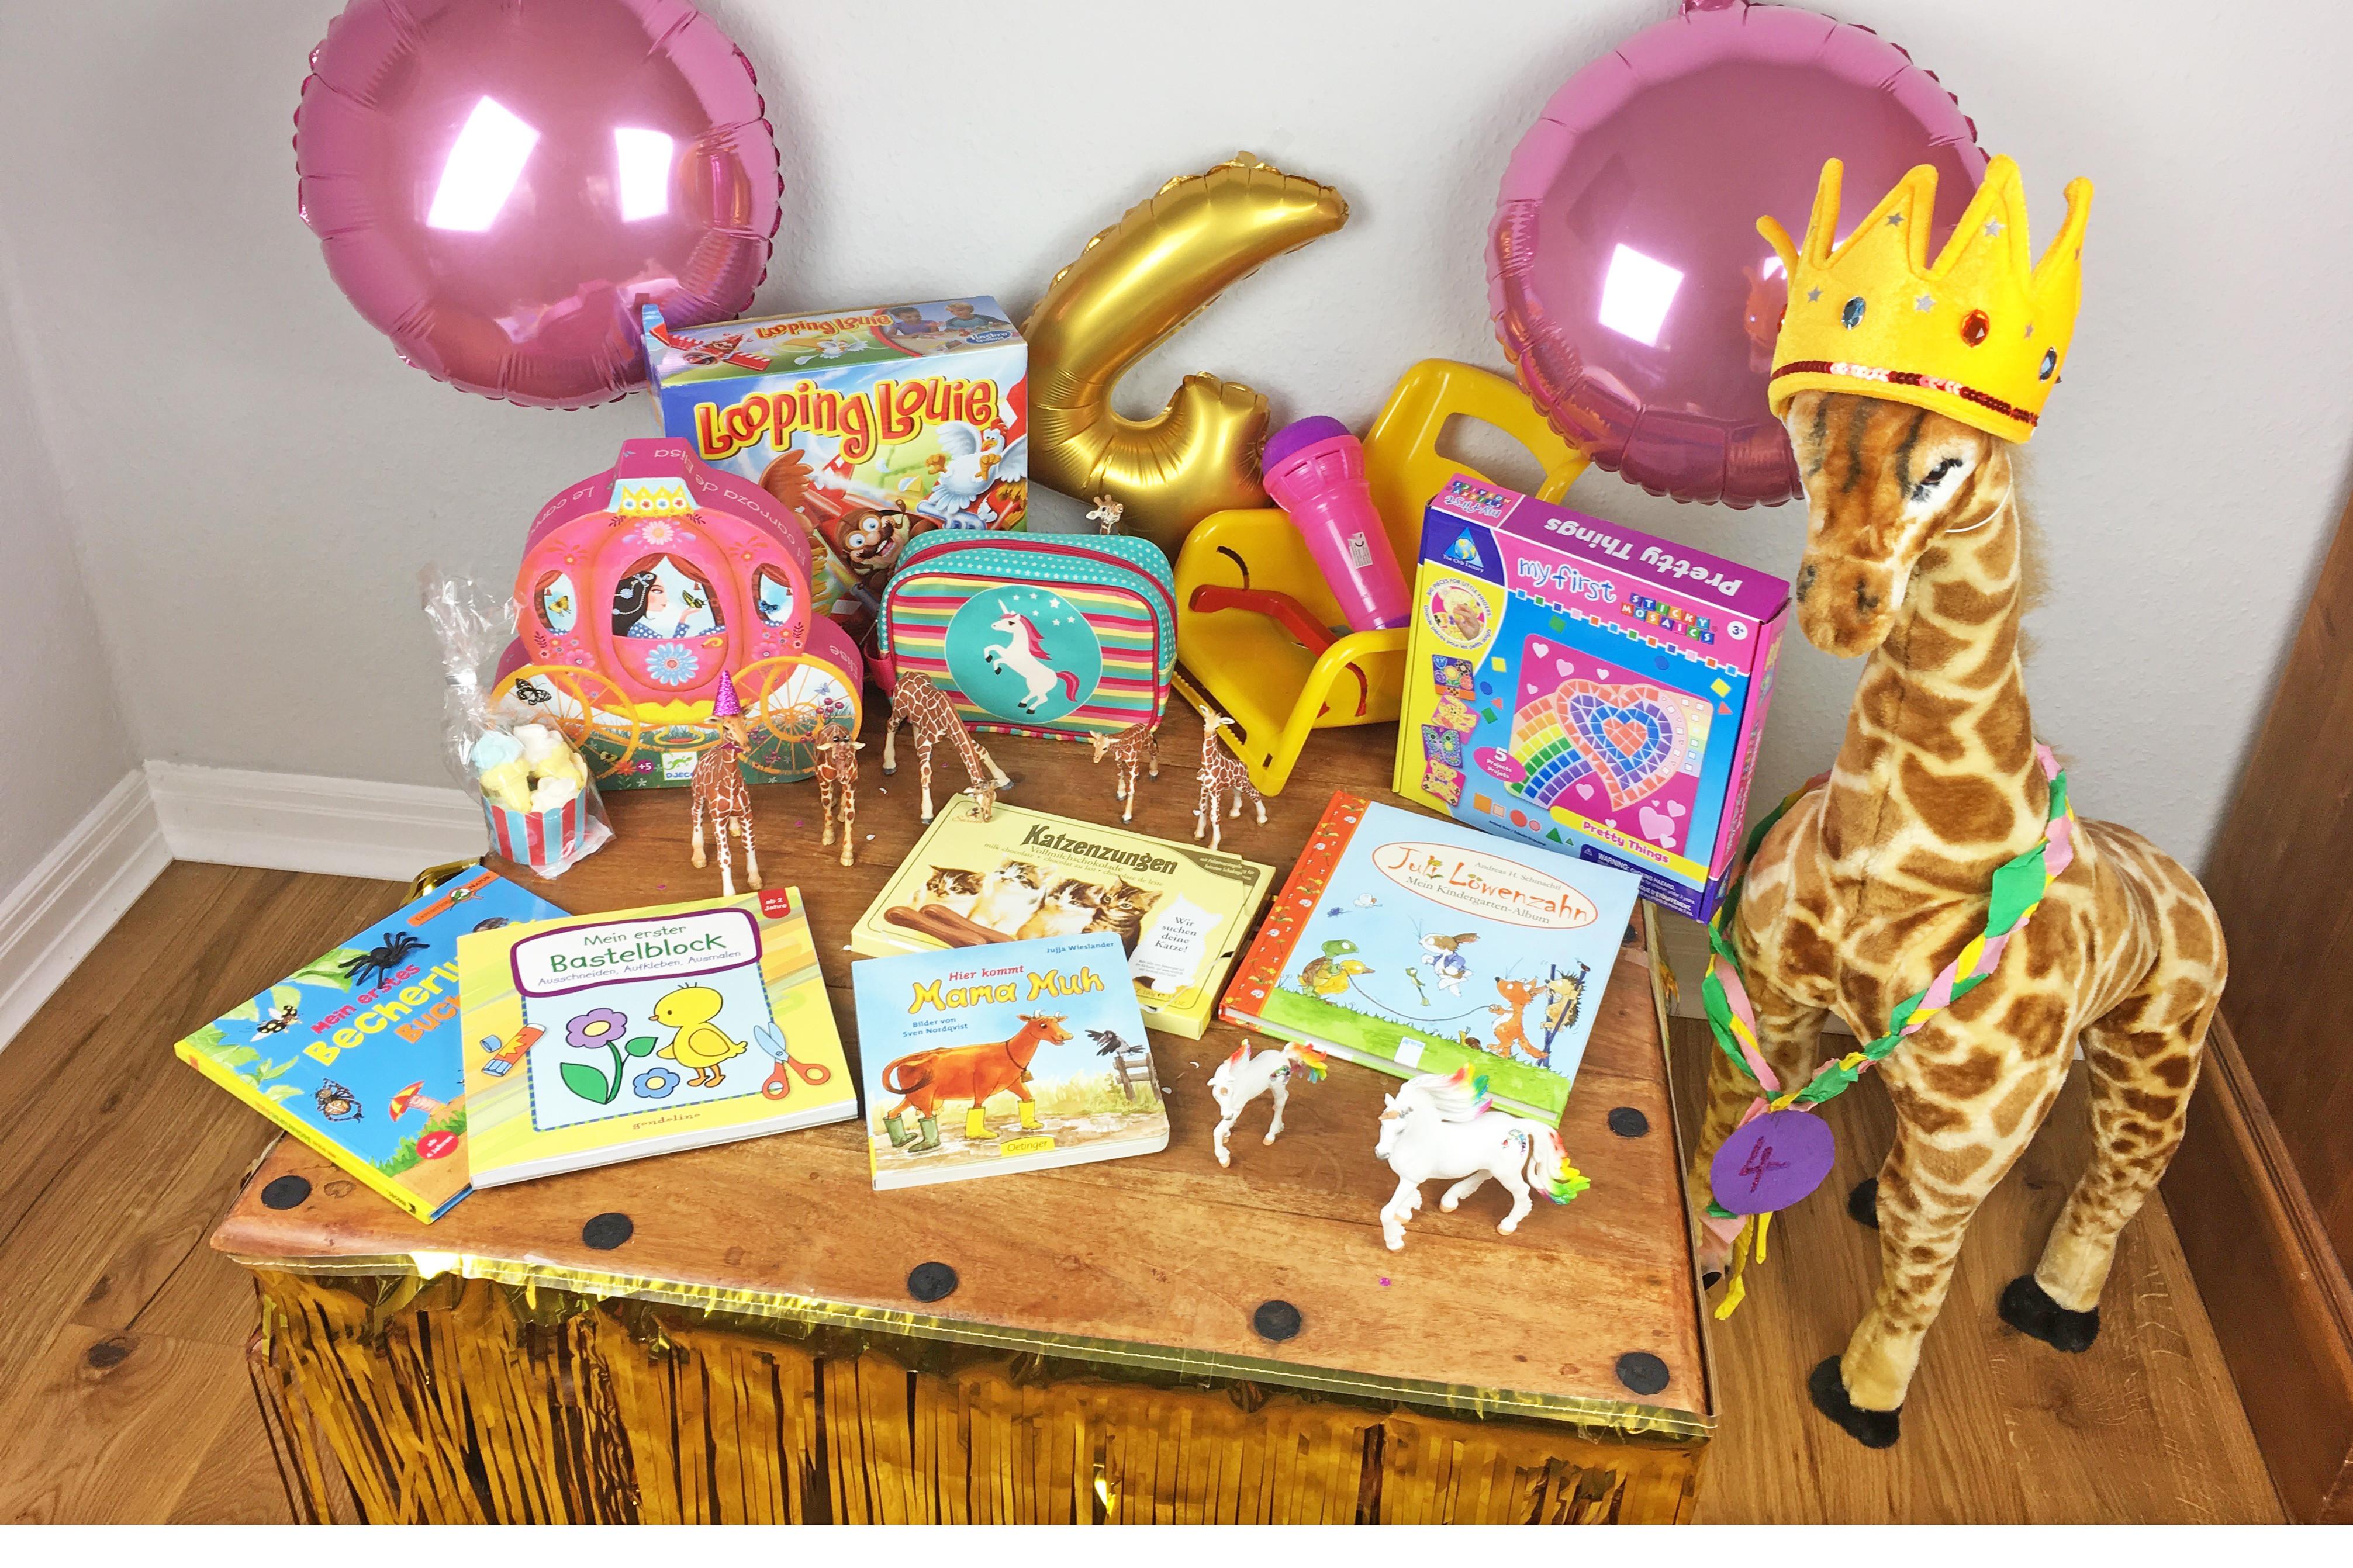 Geschenkideen Mädchen 4 Jahre  Schöne Geschenke zum 4 Geburtstag Mädchenmutter